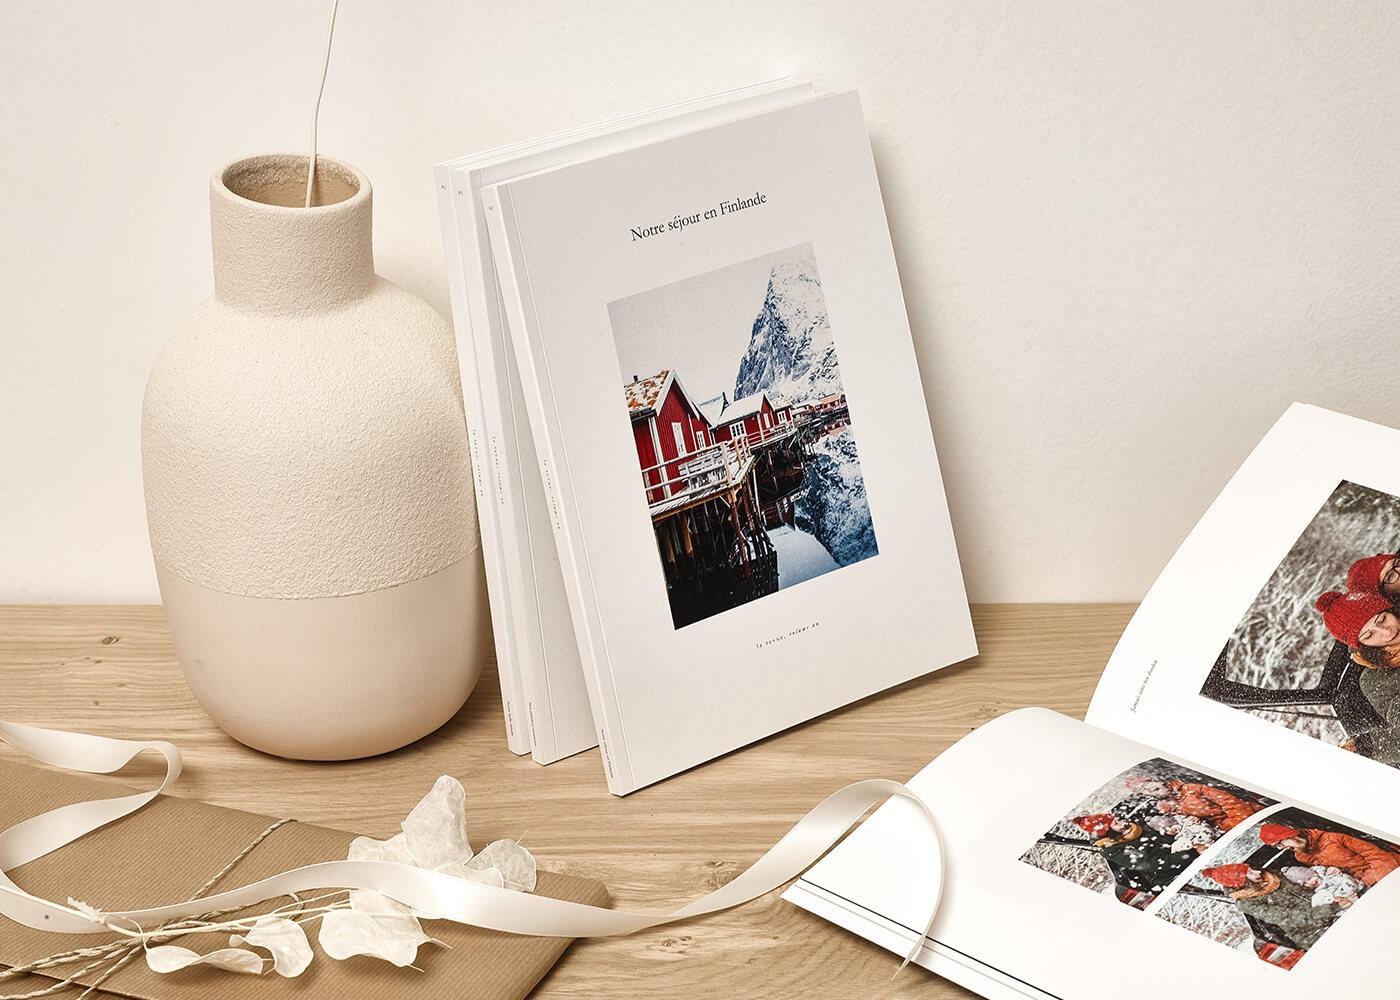 Innocence - Impression - Album photo de noel - Cadeau parfait - Edition des fêtes